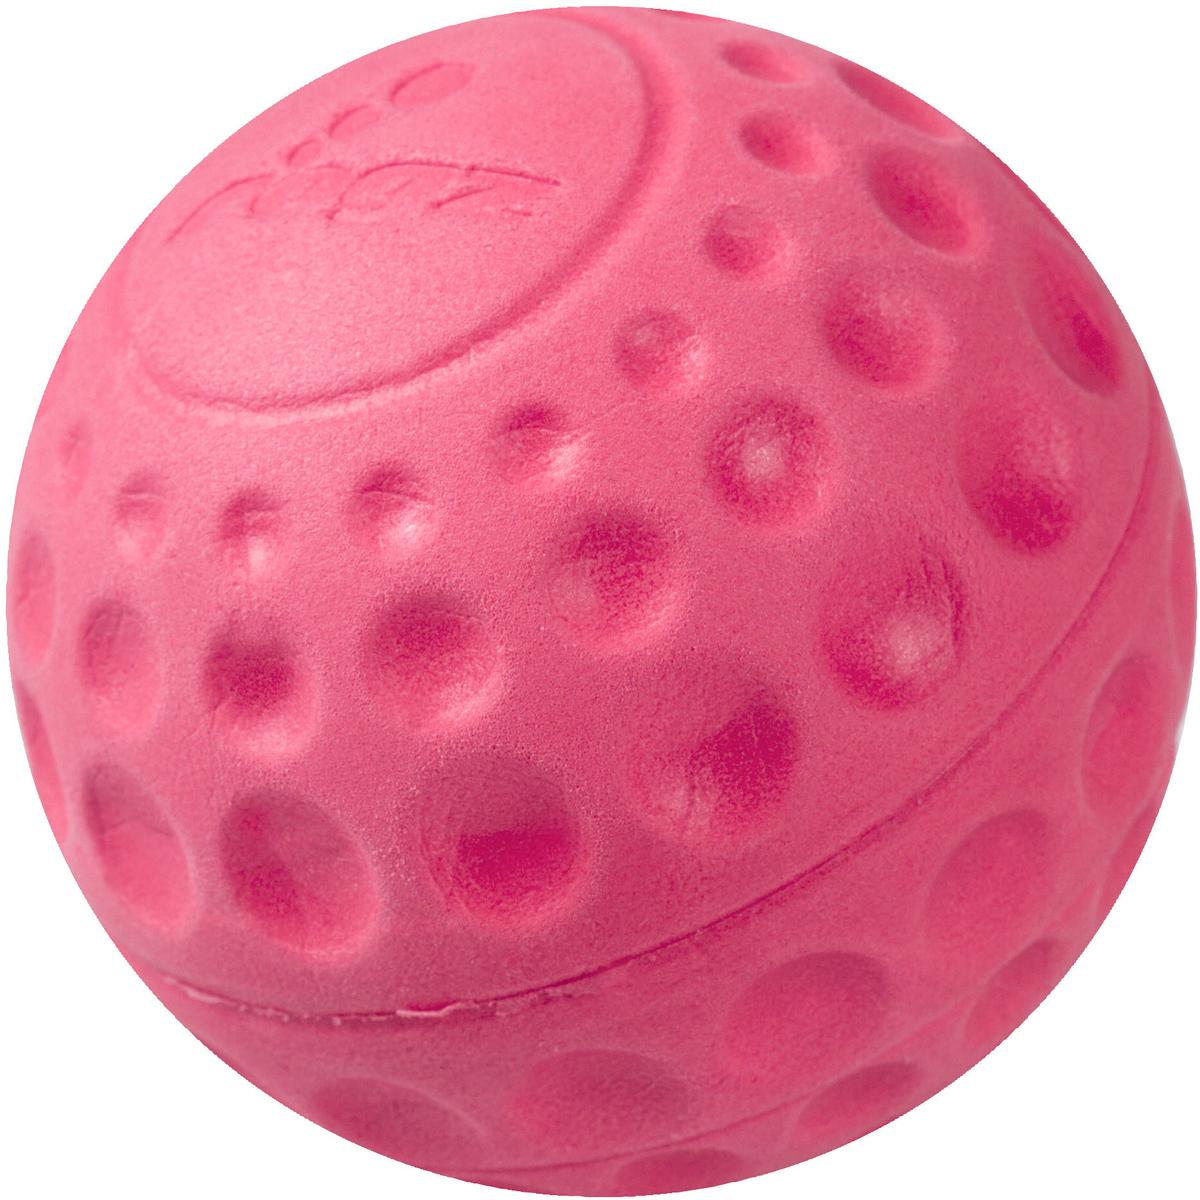 Игрушка для собак Rogz Asteroidz, цвет: розовый, диаметр 7,8 см0120710Мяч для собак Rogz Asteroidz предназначен для игры с хозяином Принеси.Мяч имеет небольшой вес, не травмирует десна, не повреждает зубы, удобно носить в пасти.Отличная упругость для подпрыгивания.Изготовлено из особого термоэла-стопласта Sebs, обеспечивающего великолепную плавучесть в воде, поэтому игрушка отлично подходит для игры в водоеме. Материал изделия: EVA (этиленвинилацетат) - легкий мелкопористый материал, похожий на застывшую пену.Не токсичен.